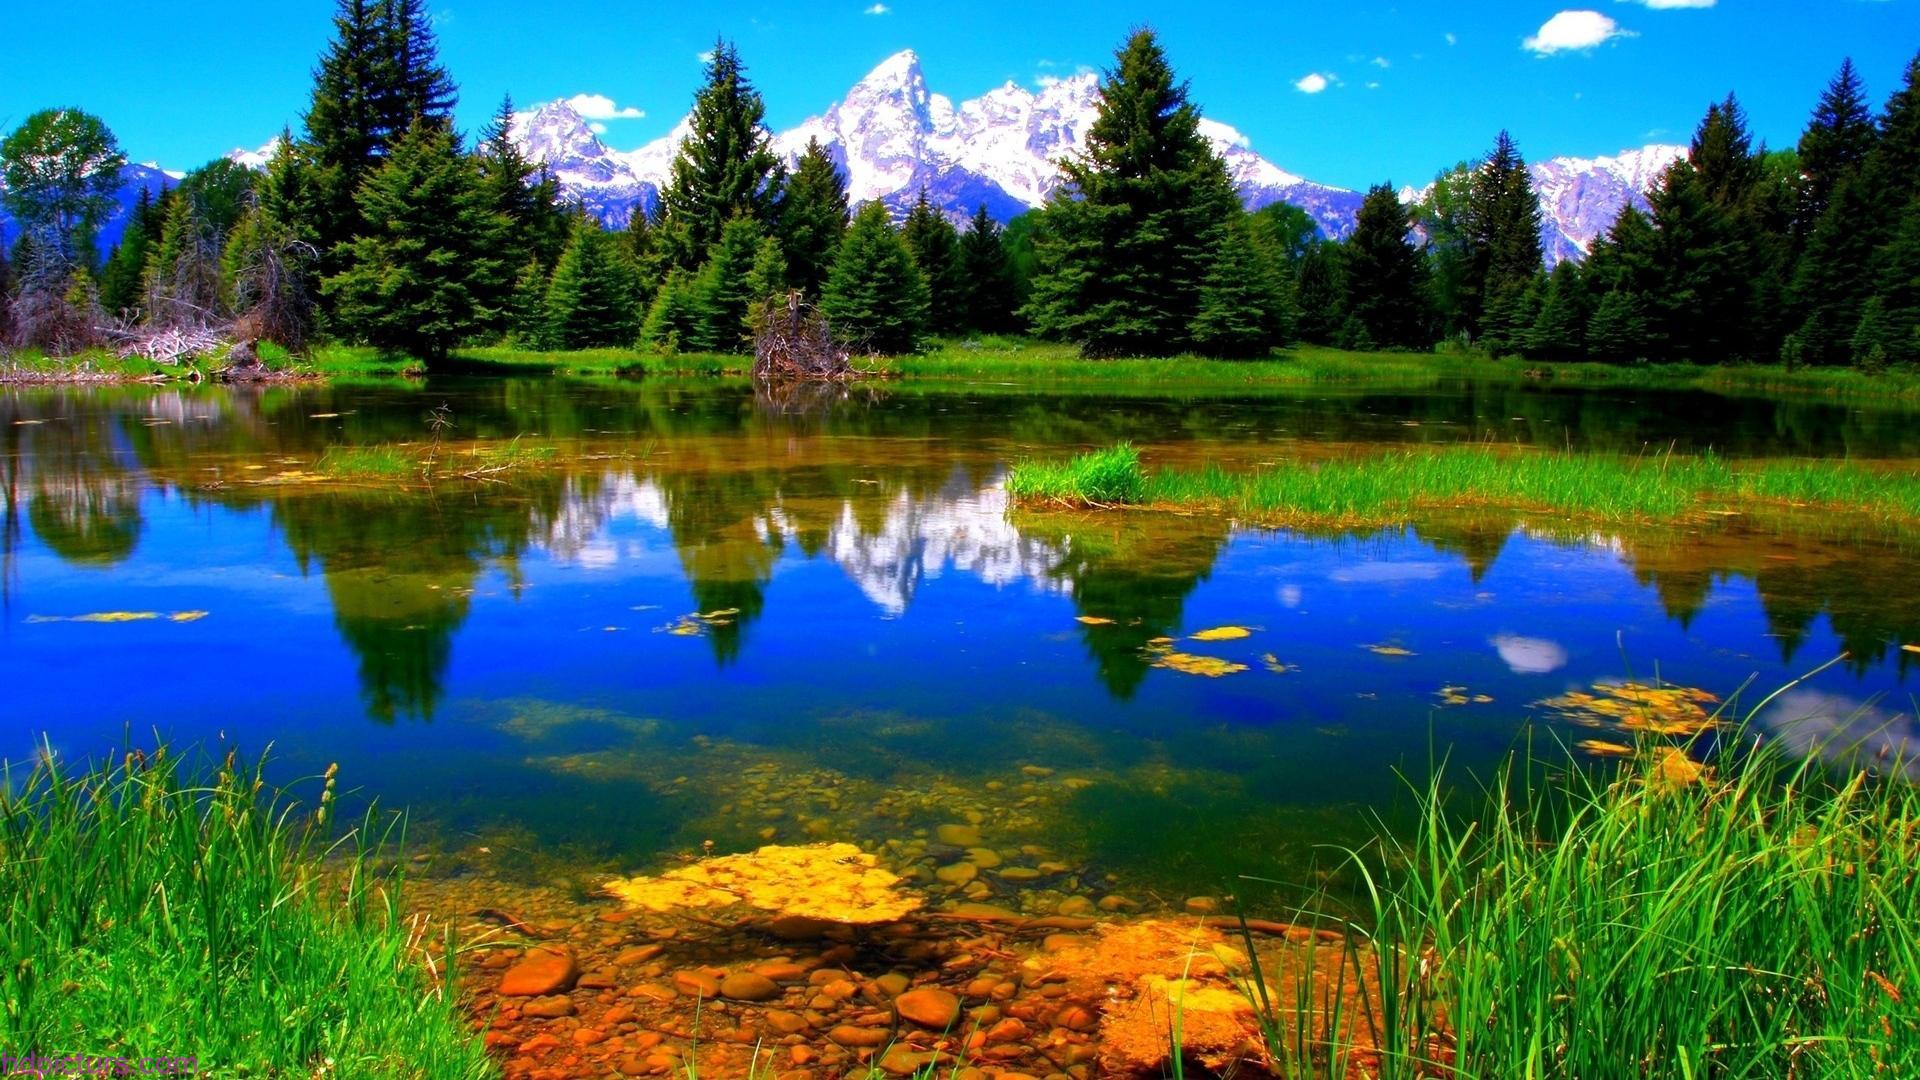 بالصور صور طبيعة خلابة , اروع صور من مناطق طبيعية رائعه 1499 5